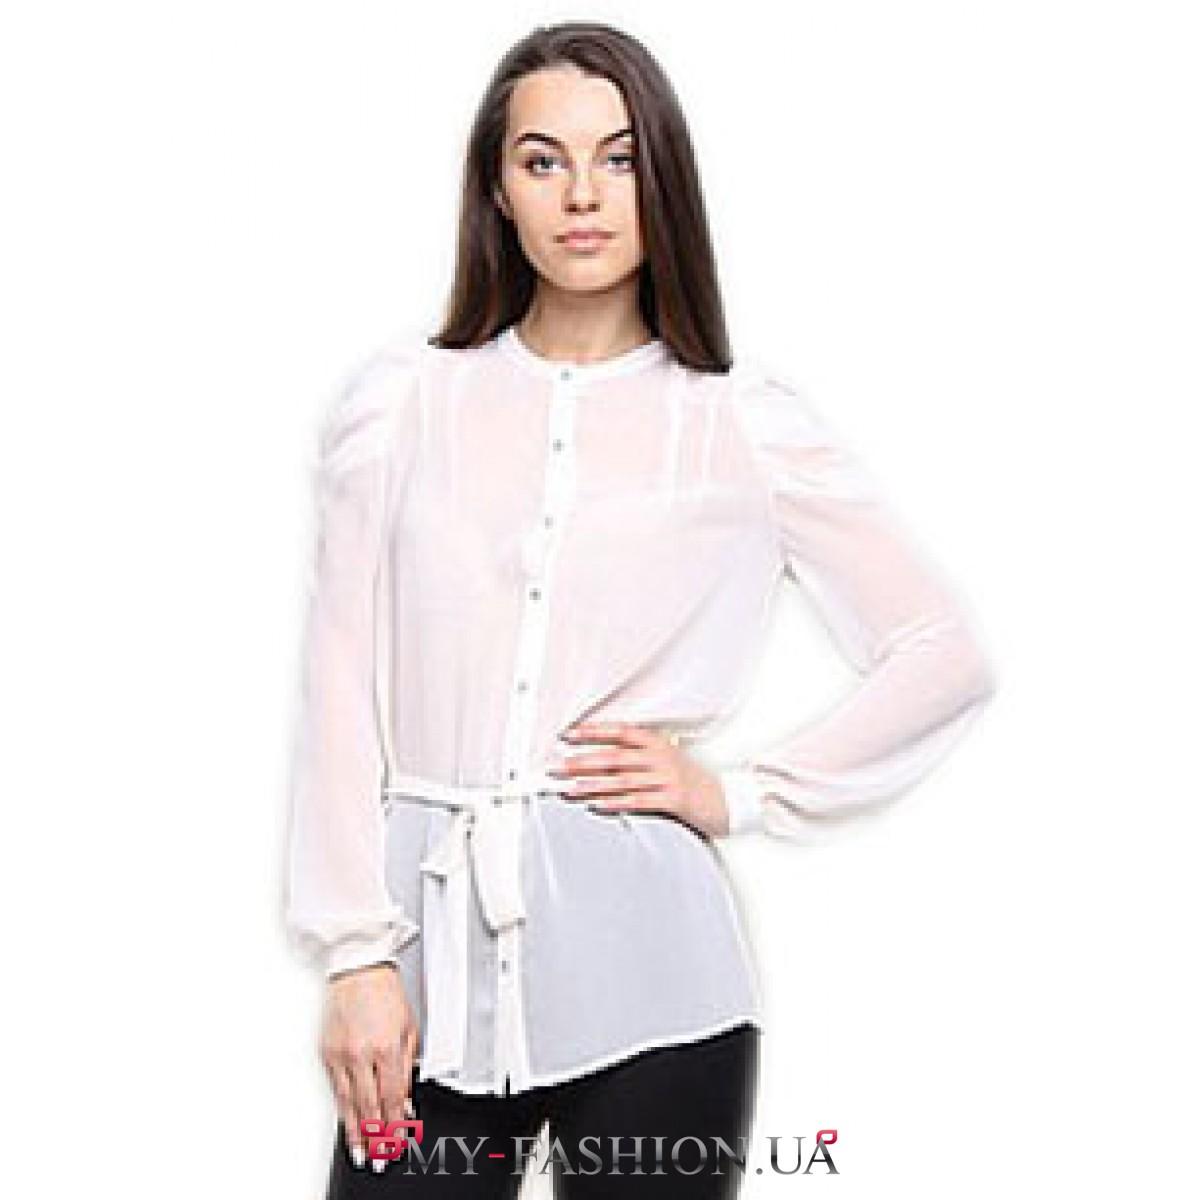 Белая шелковая блузка с длинным рукавом купить